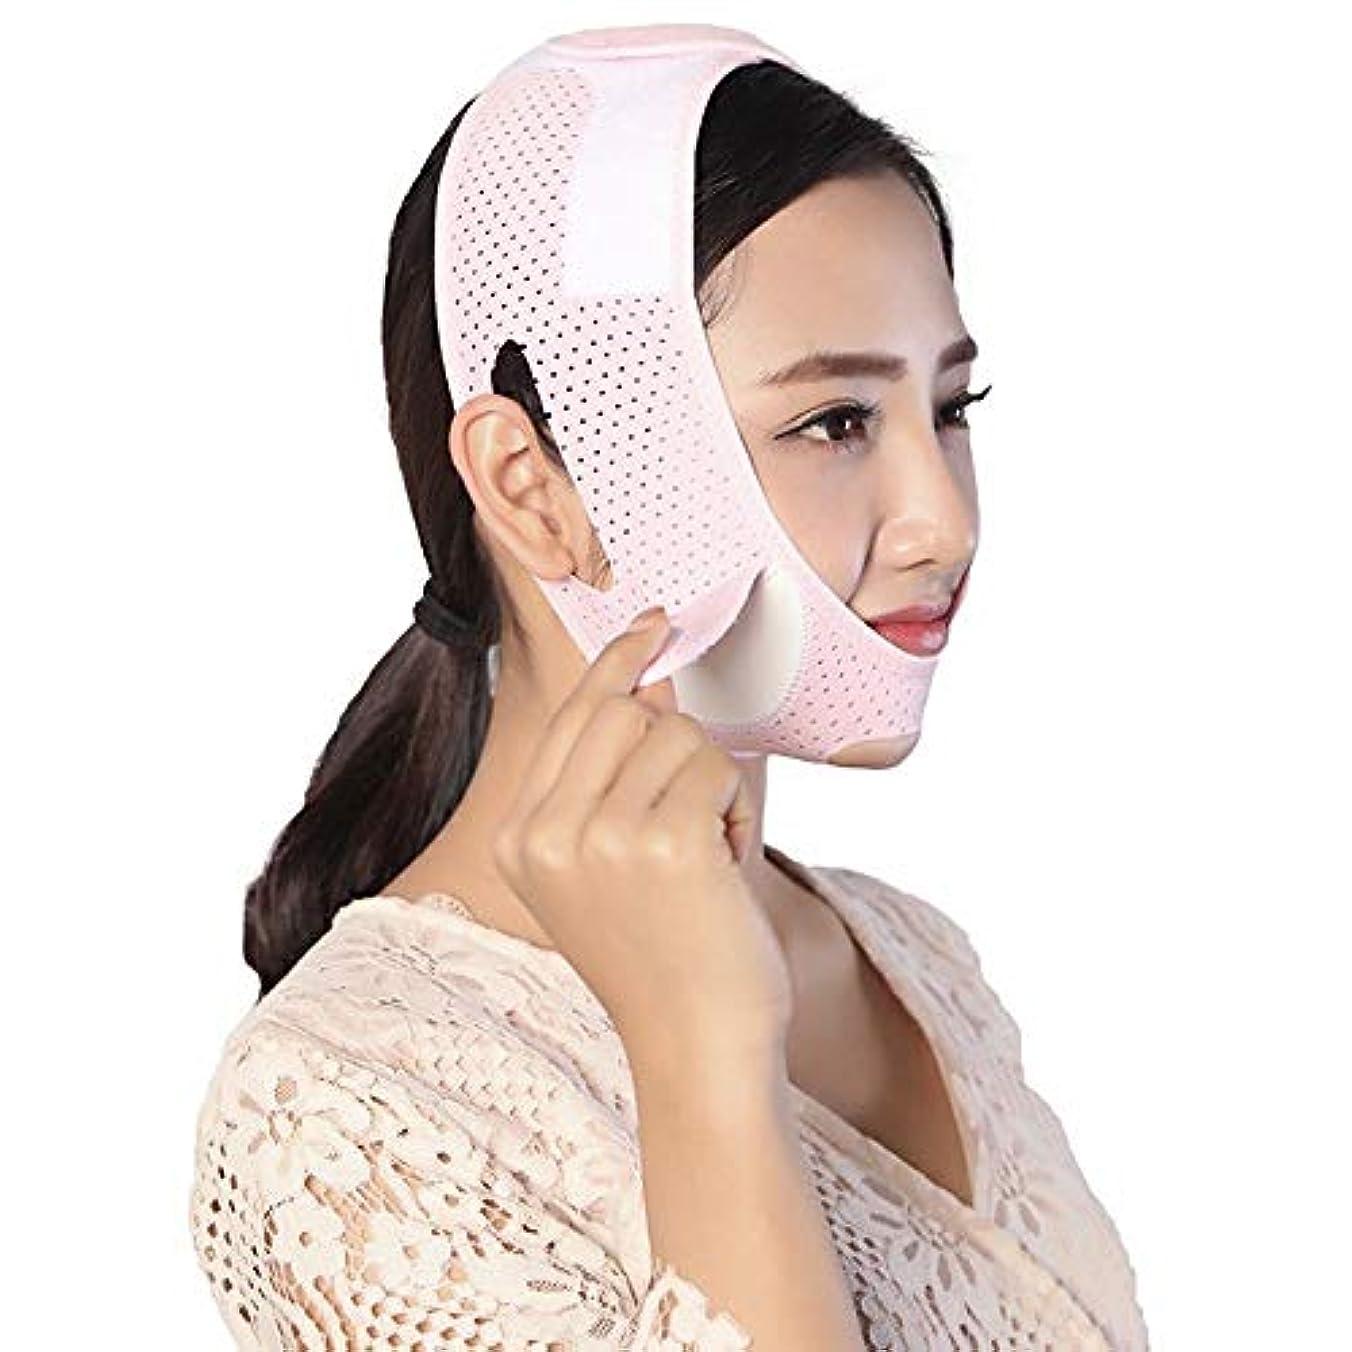 ブレークエリート違反するMinmin フェイシャルリフティング痩身ベルト - 圧縮二重あご減量ベルトスキンケア薄い顔包帯 みんみんVラインフェイスマスク